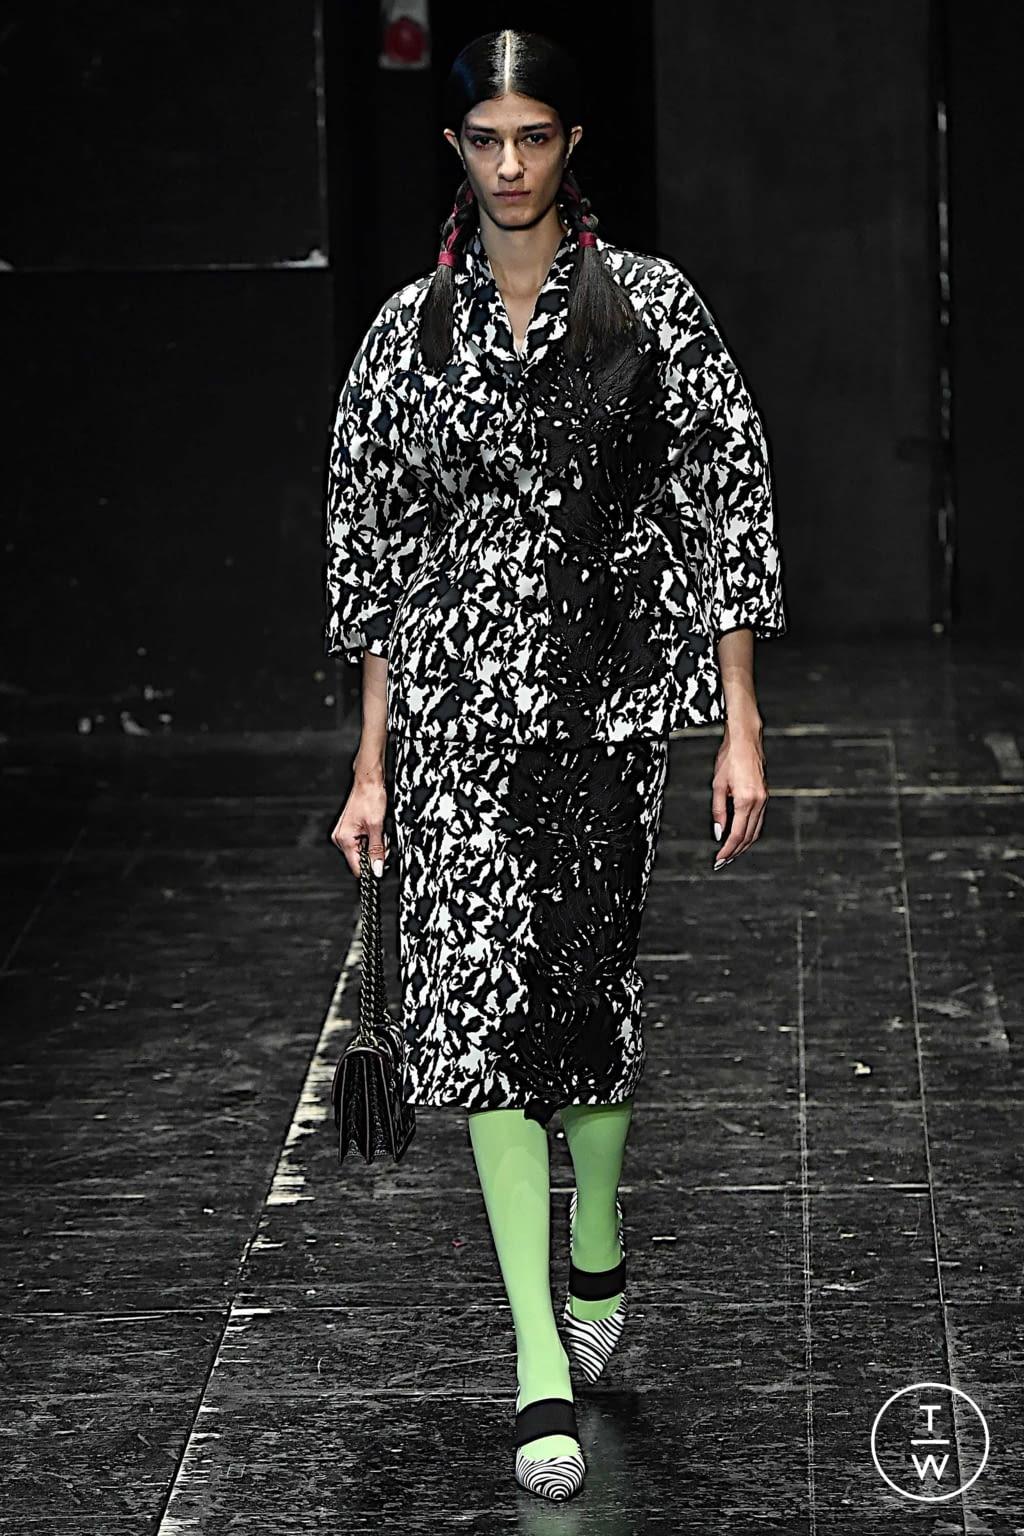 Fashion Week Milan Spring/Summer 2020 look 24 de la collection Antonio Marras womenswear